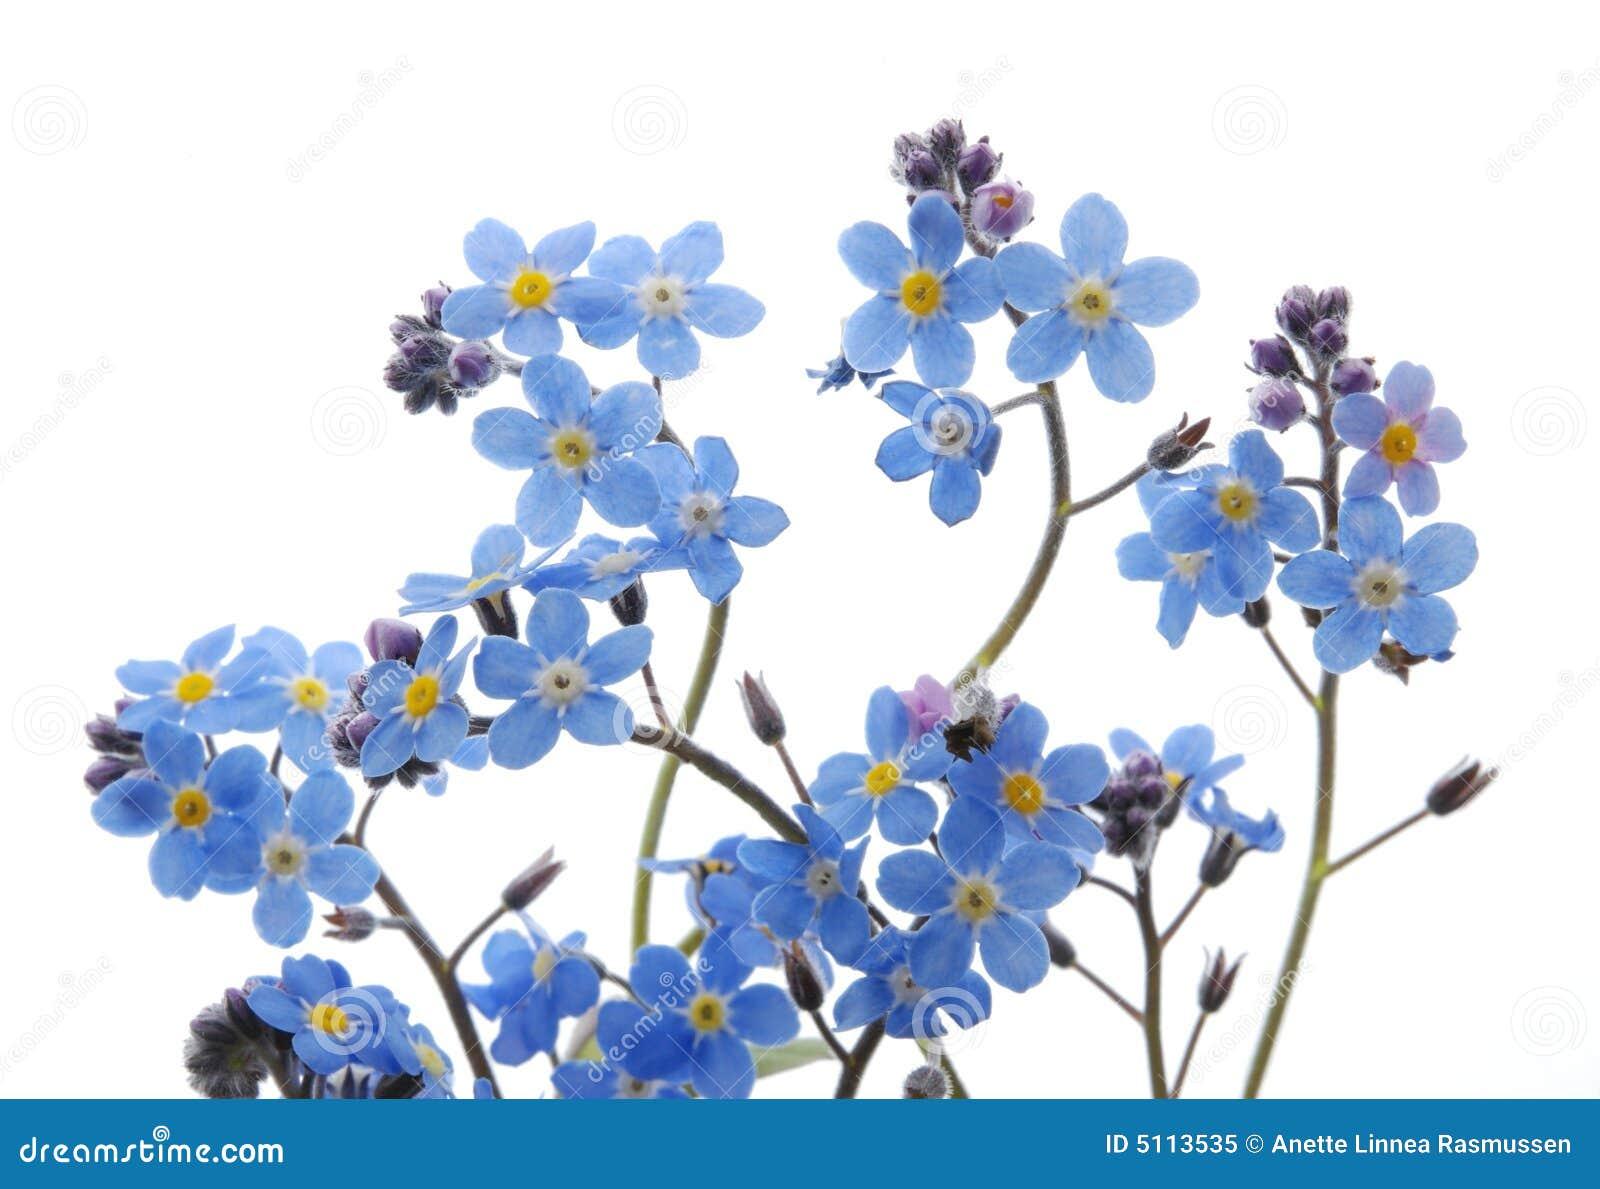 голубой цветок забывает меня не